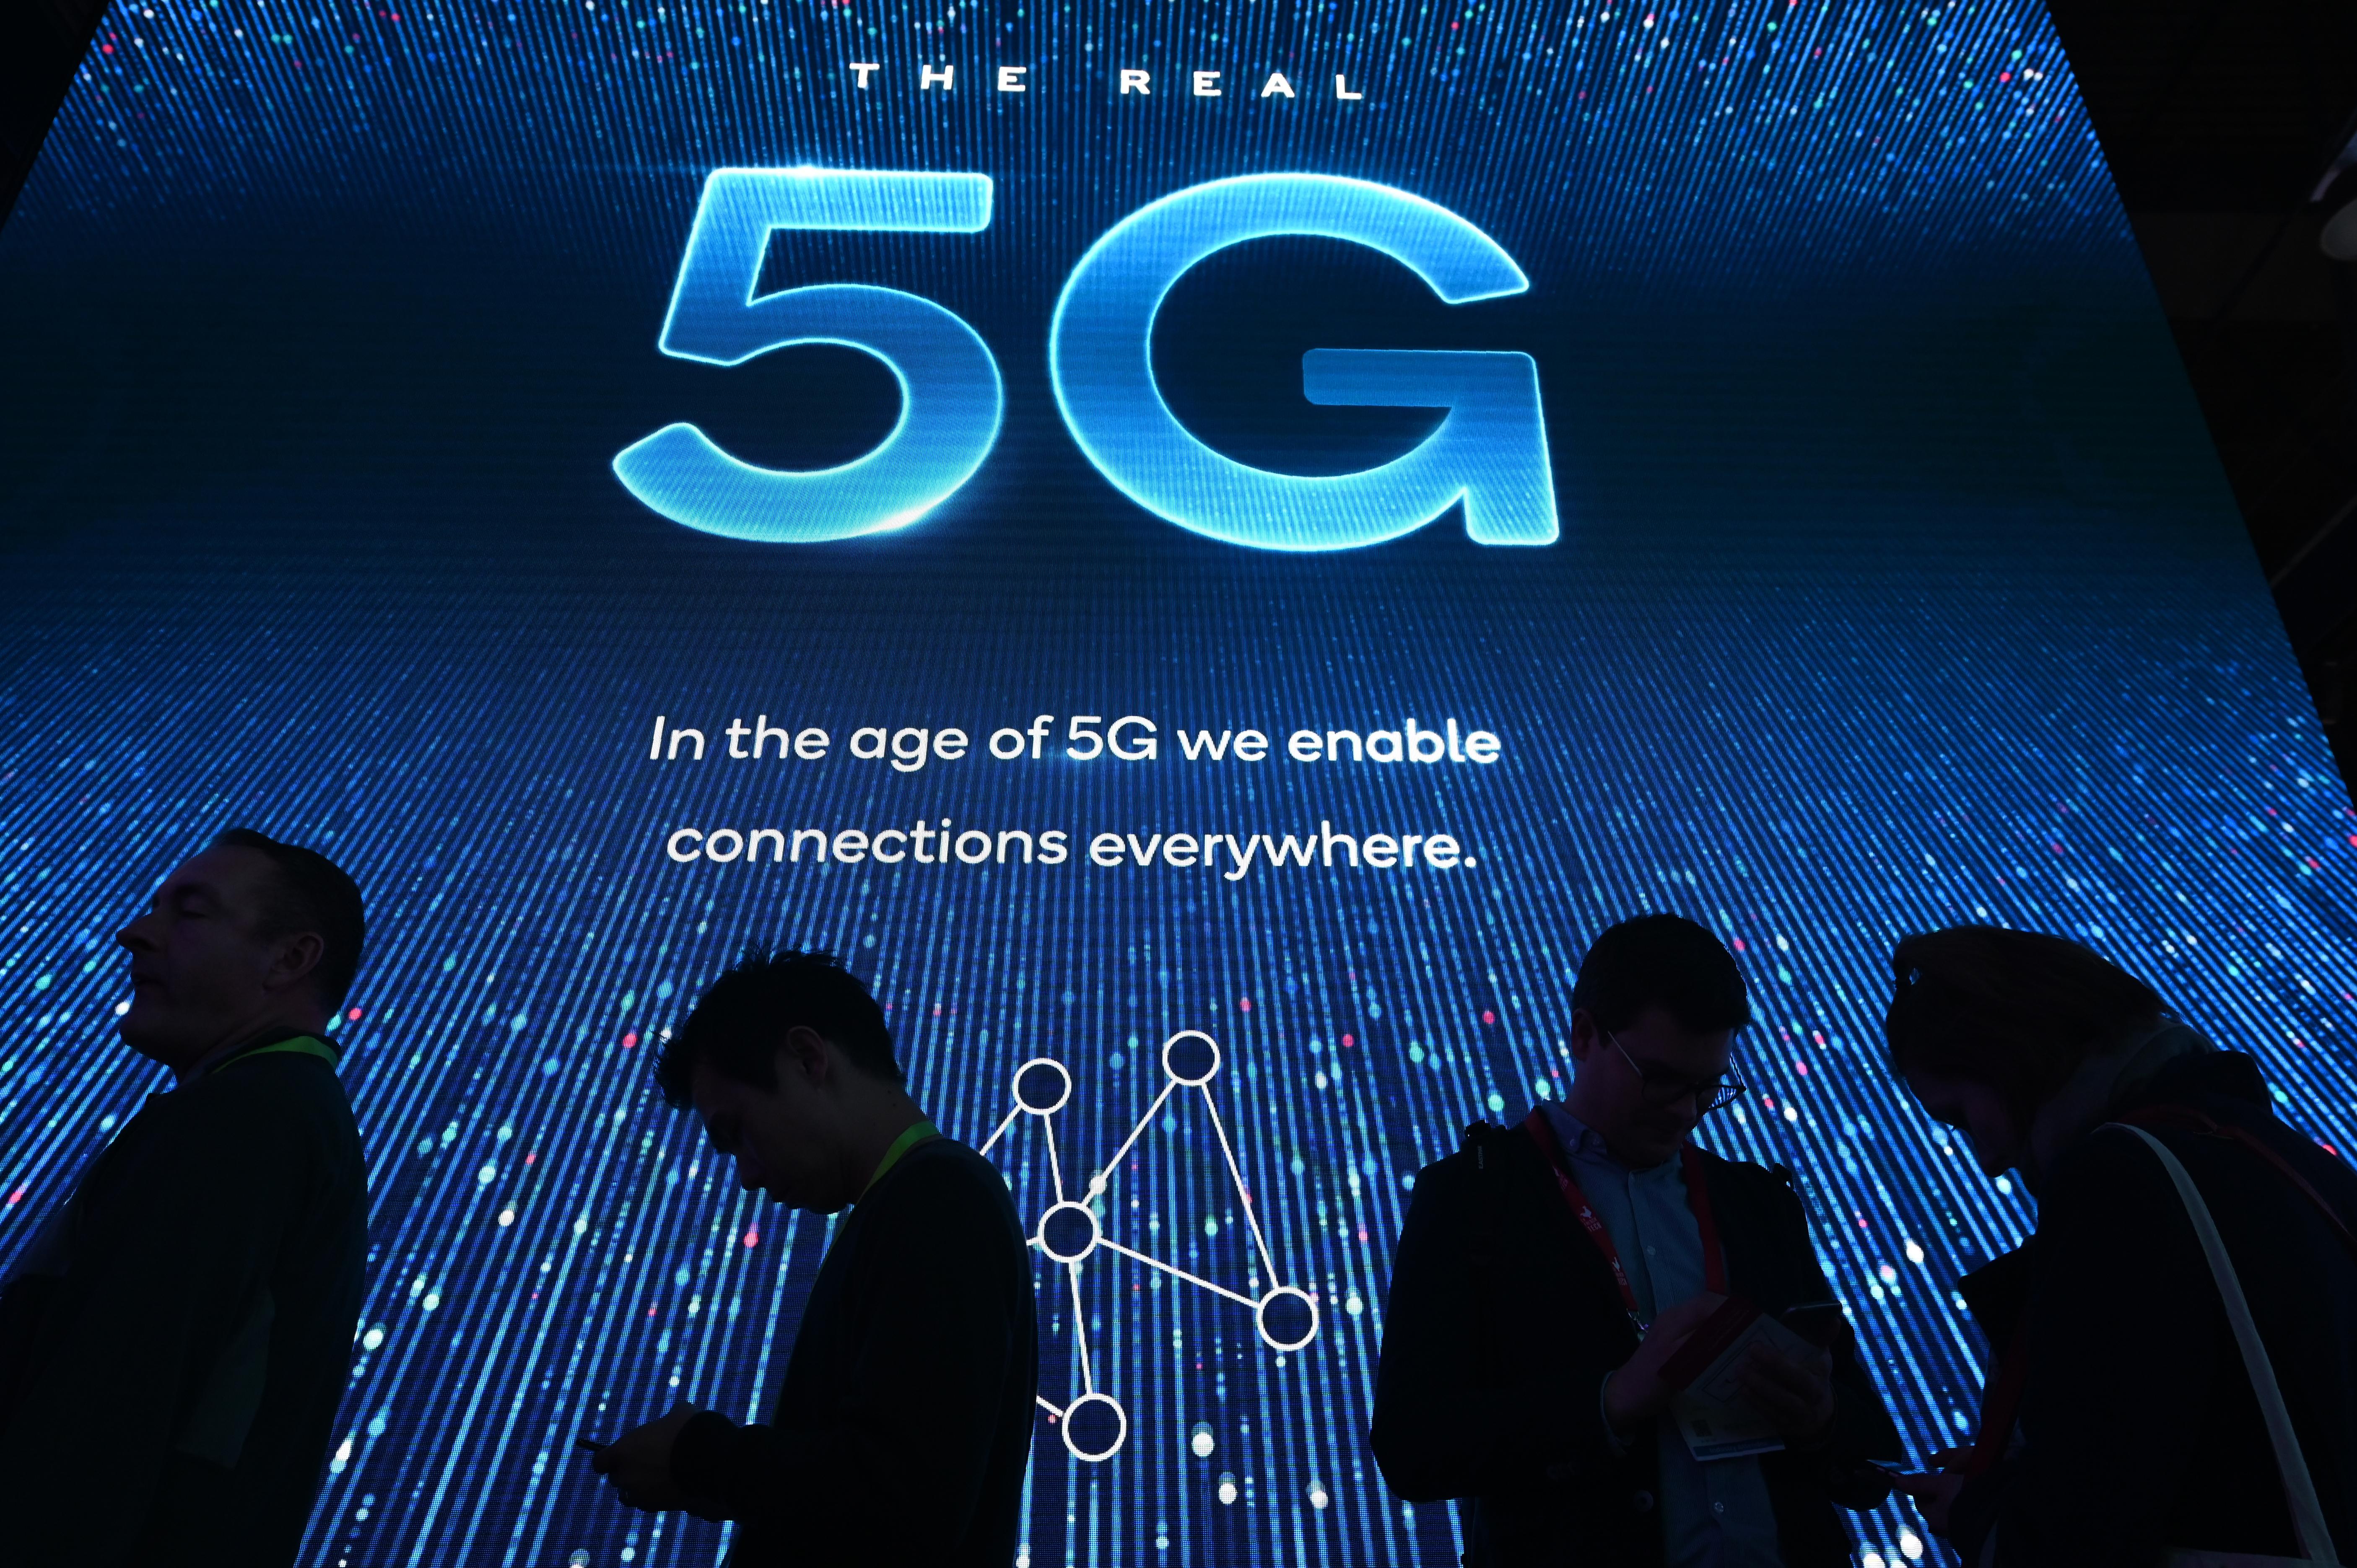 分析:使用華為廉價5G 將付何種代價